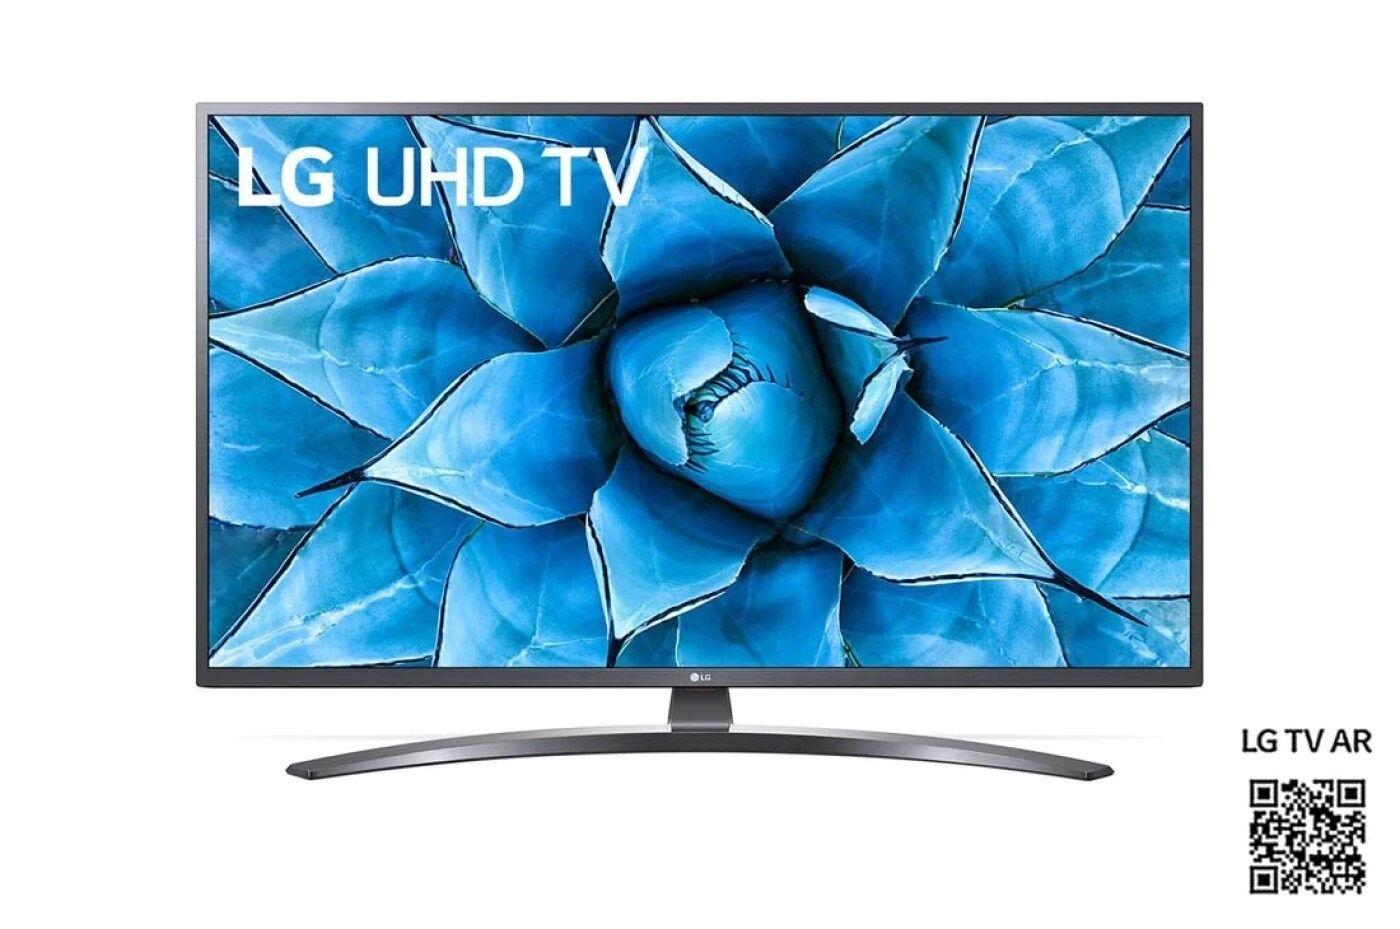 """LG Televisore Lg 43"""" Led 4k HDR 10 Pro HLG Pro Bluetooth Wifi Smart Tv 2 USB 3 HDMI Nero/Black DVB-T2 / C / S2 43UN74003"""